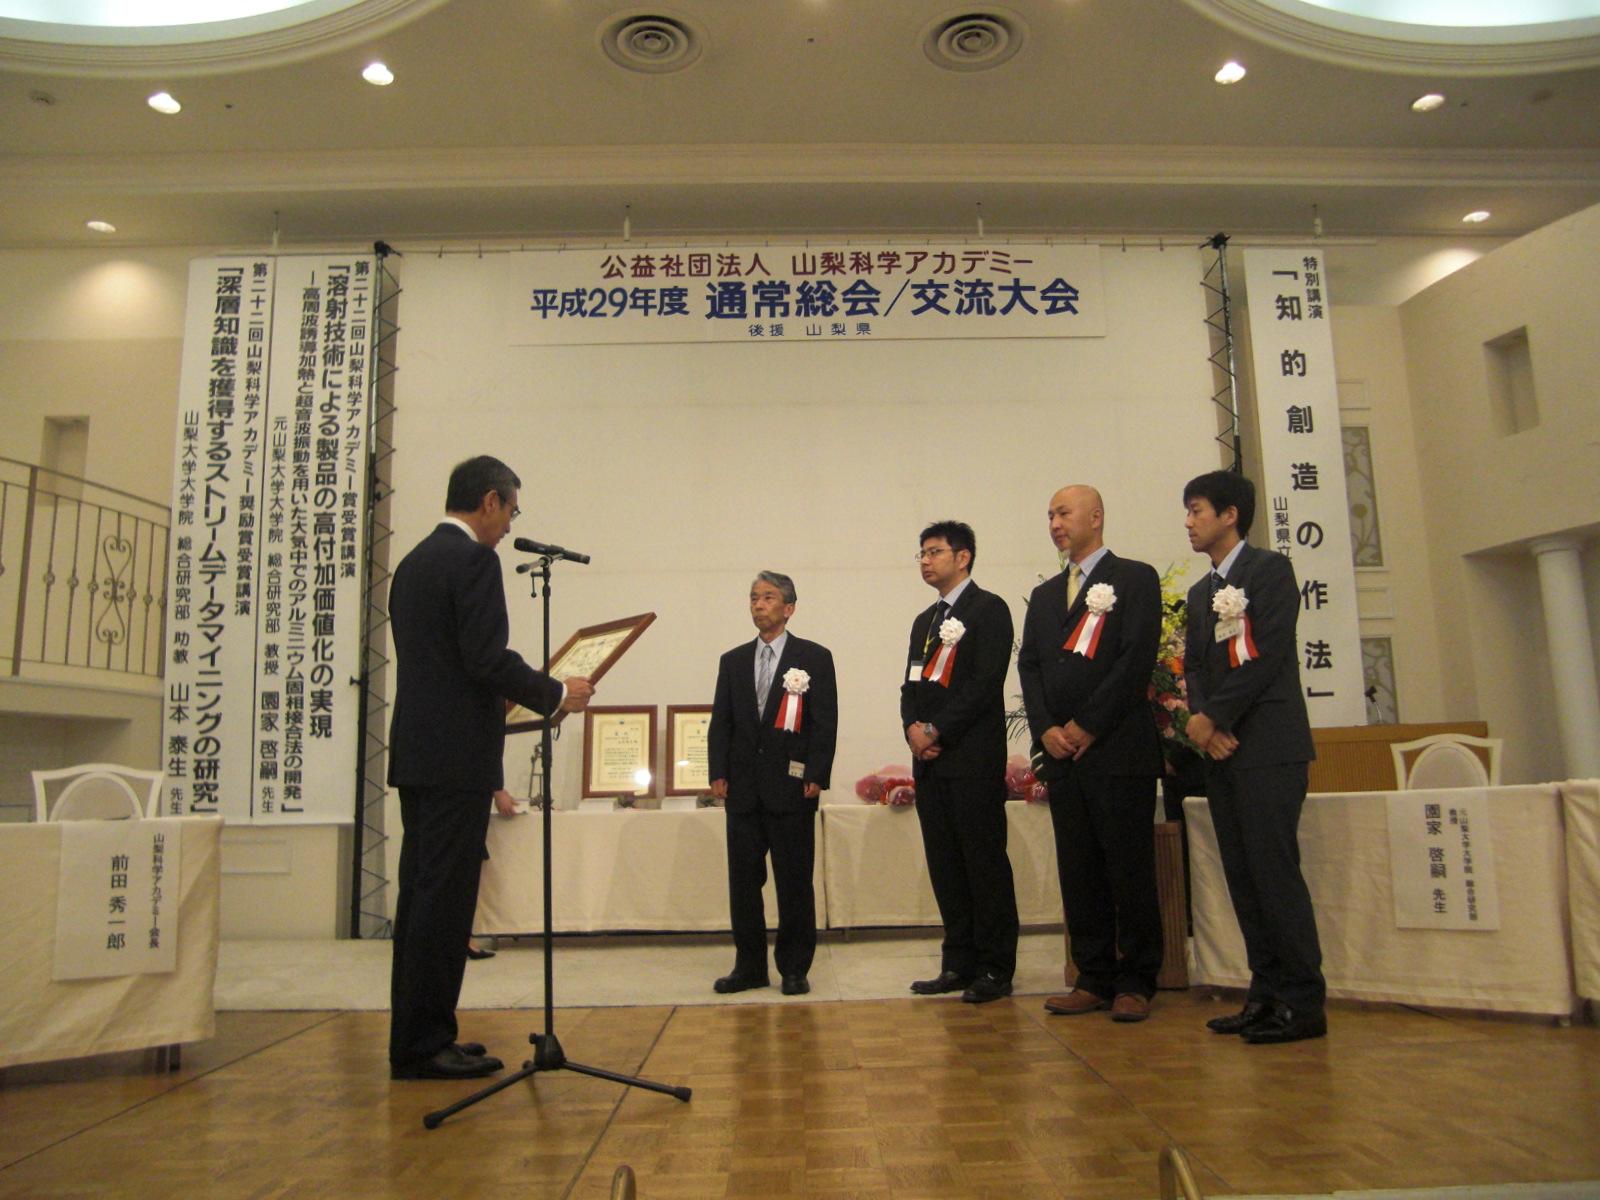 山本泰生助教が第22回山梨科学アカデミー奨励賞を受賞しました。